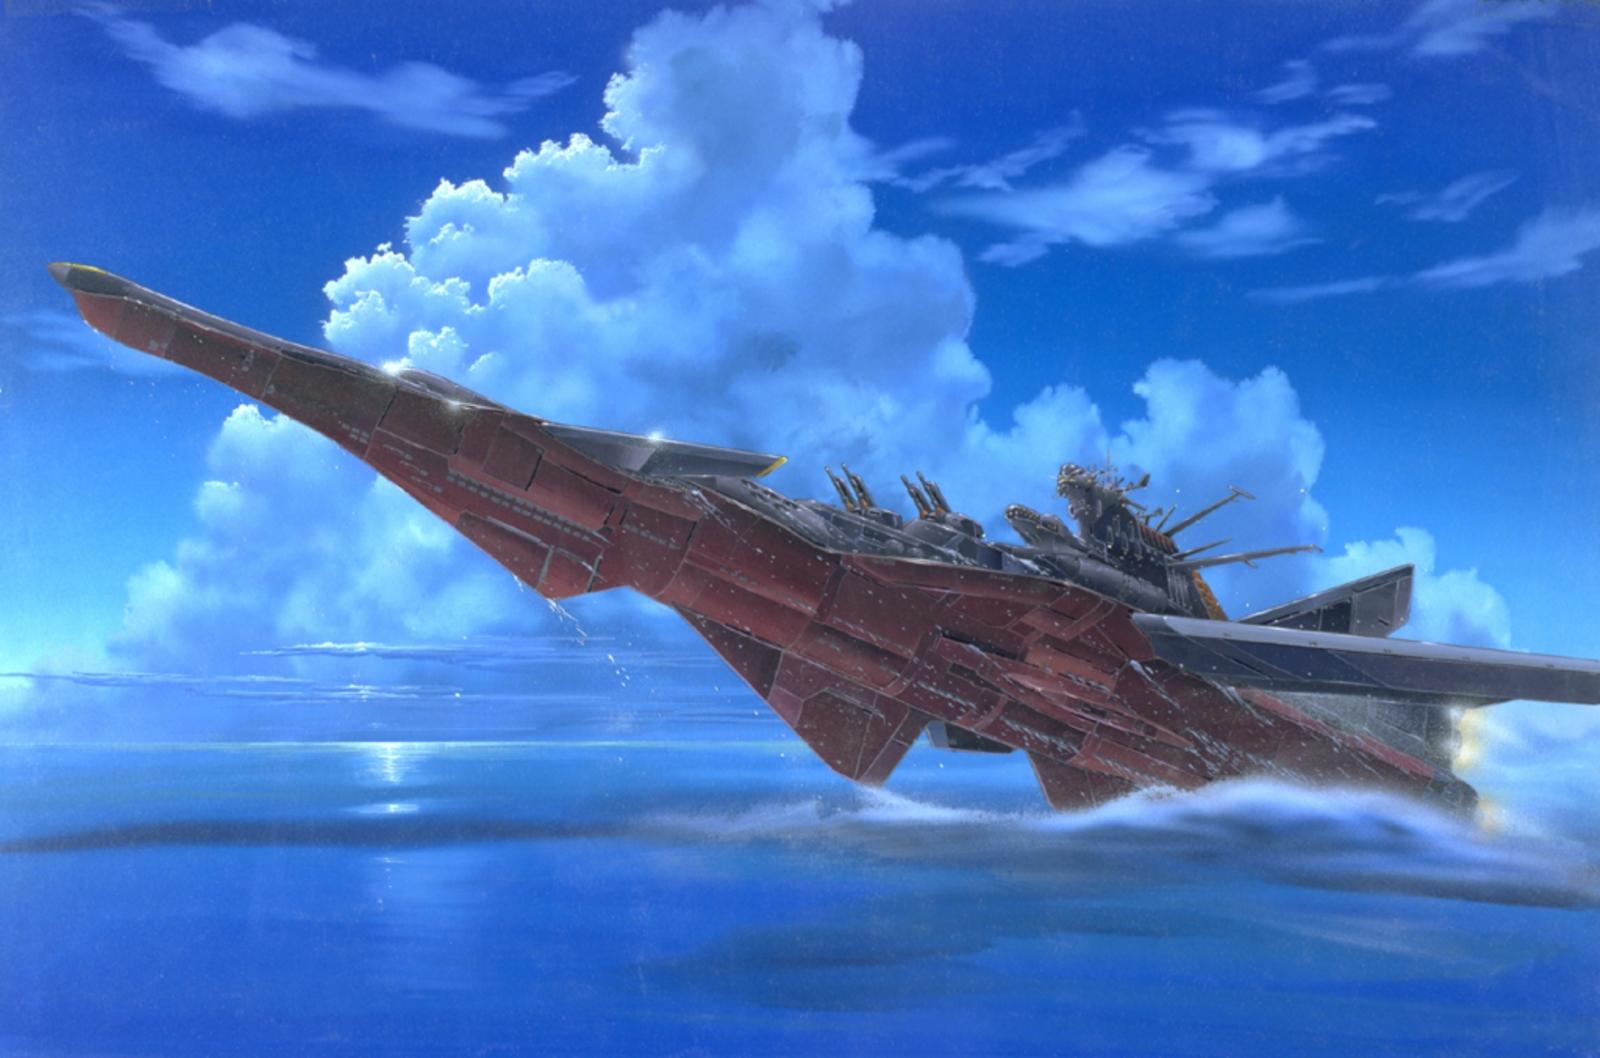 фантастика море подводные лодки фильмы